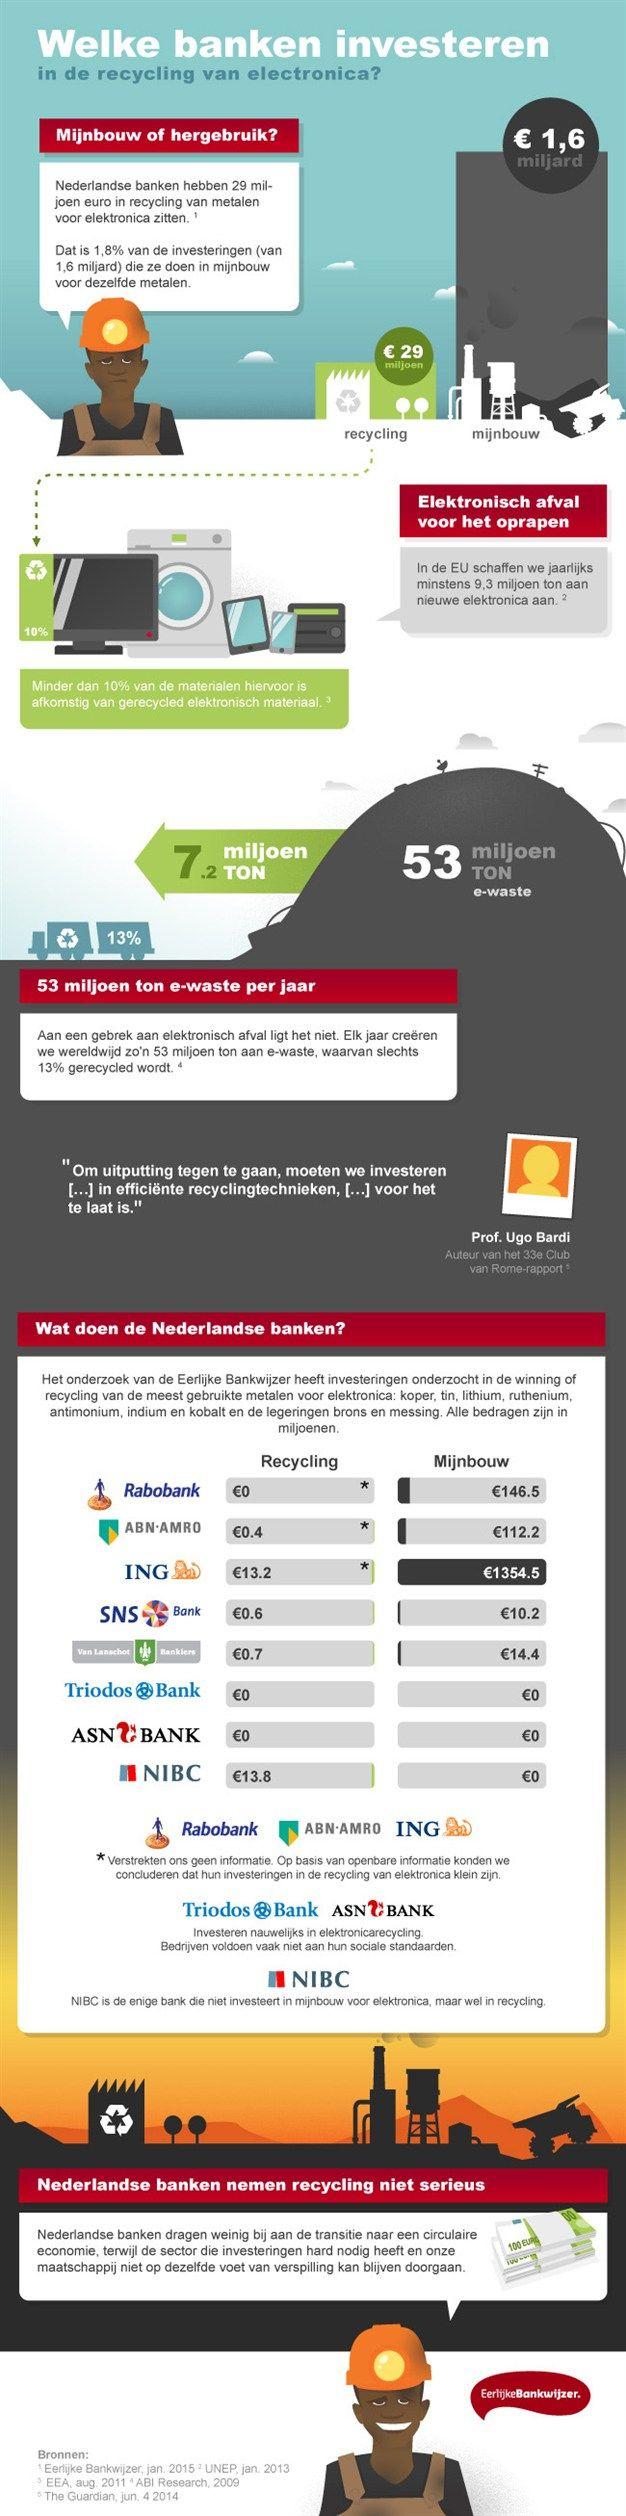 Welke banken investeren er in de recycling van elektronica? Check de infographic.